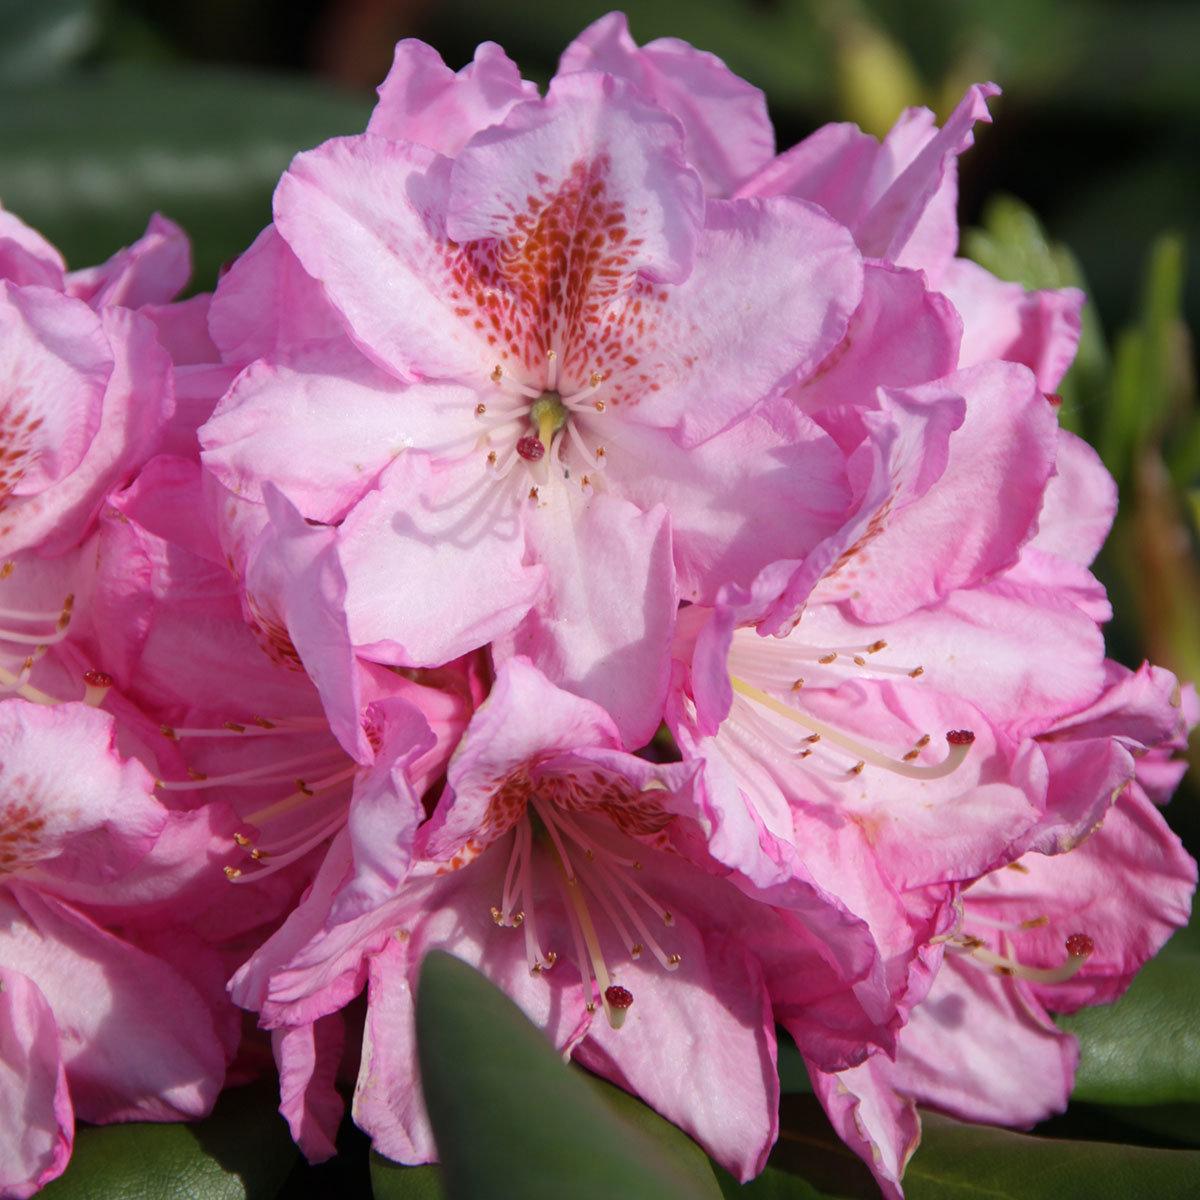 Rhododendron Scintillation, im 2-Liter Container